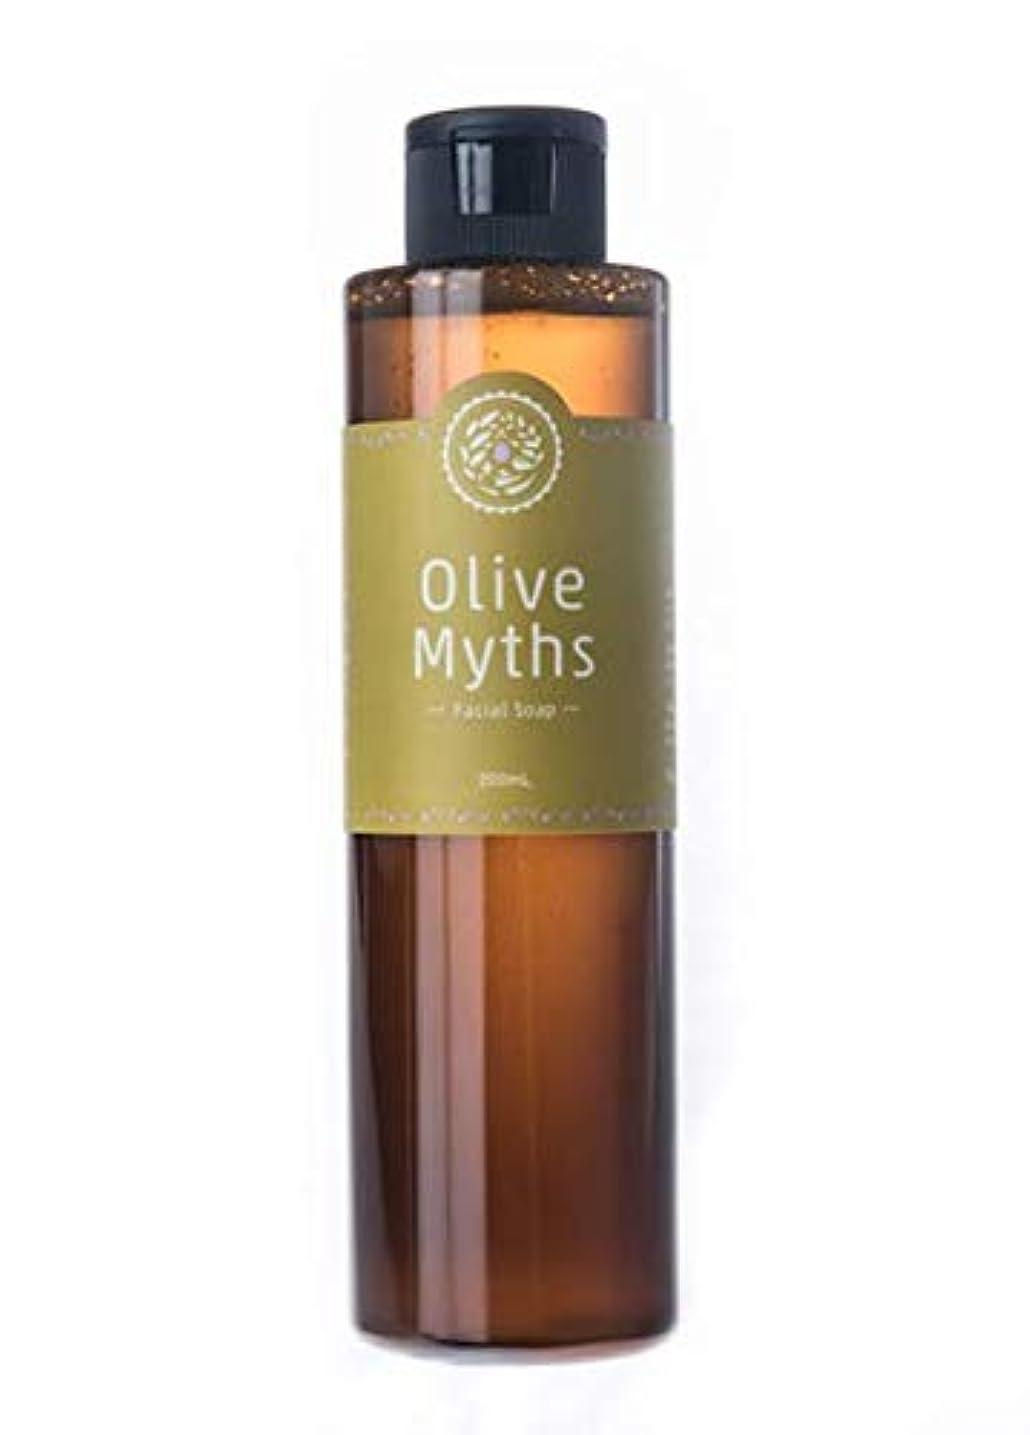 ルーキーオッズタワーmaestria. OliveMyths 『Olive Myths フェイシャルソープ』200ml MJOM-002